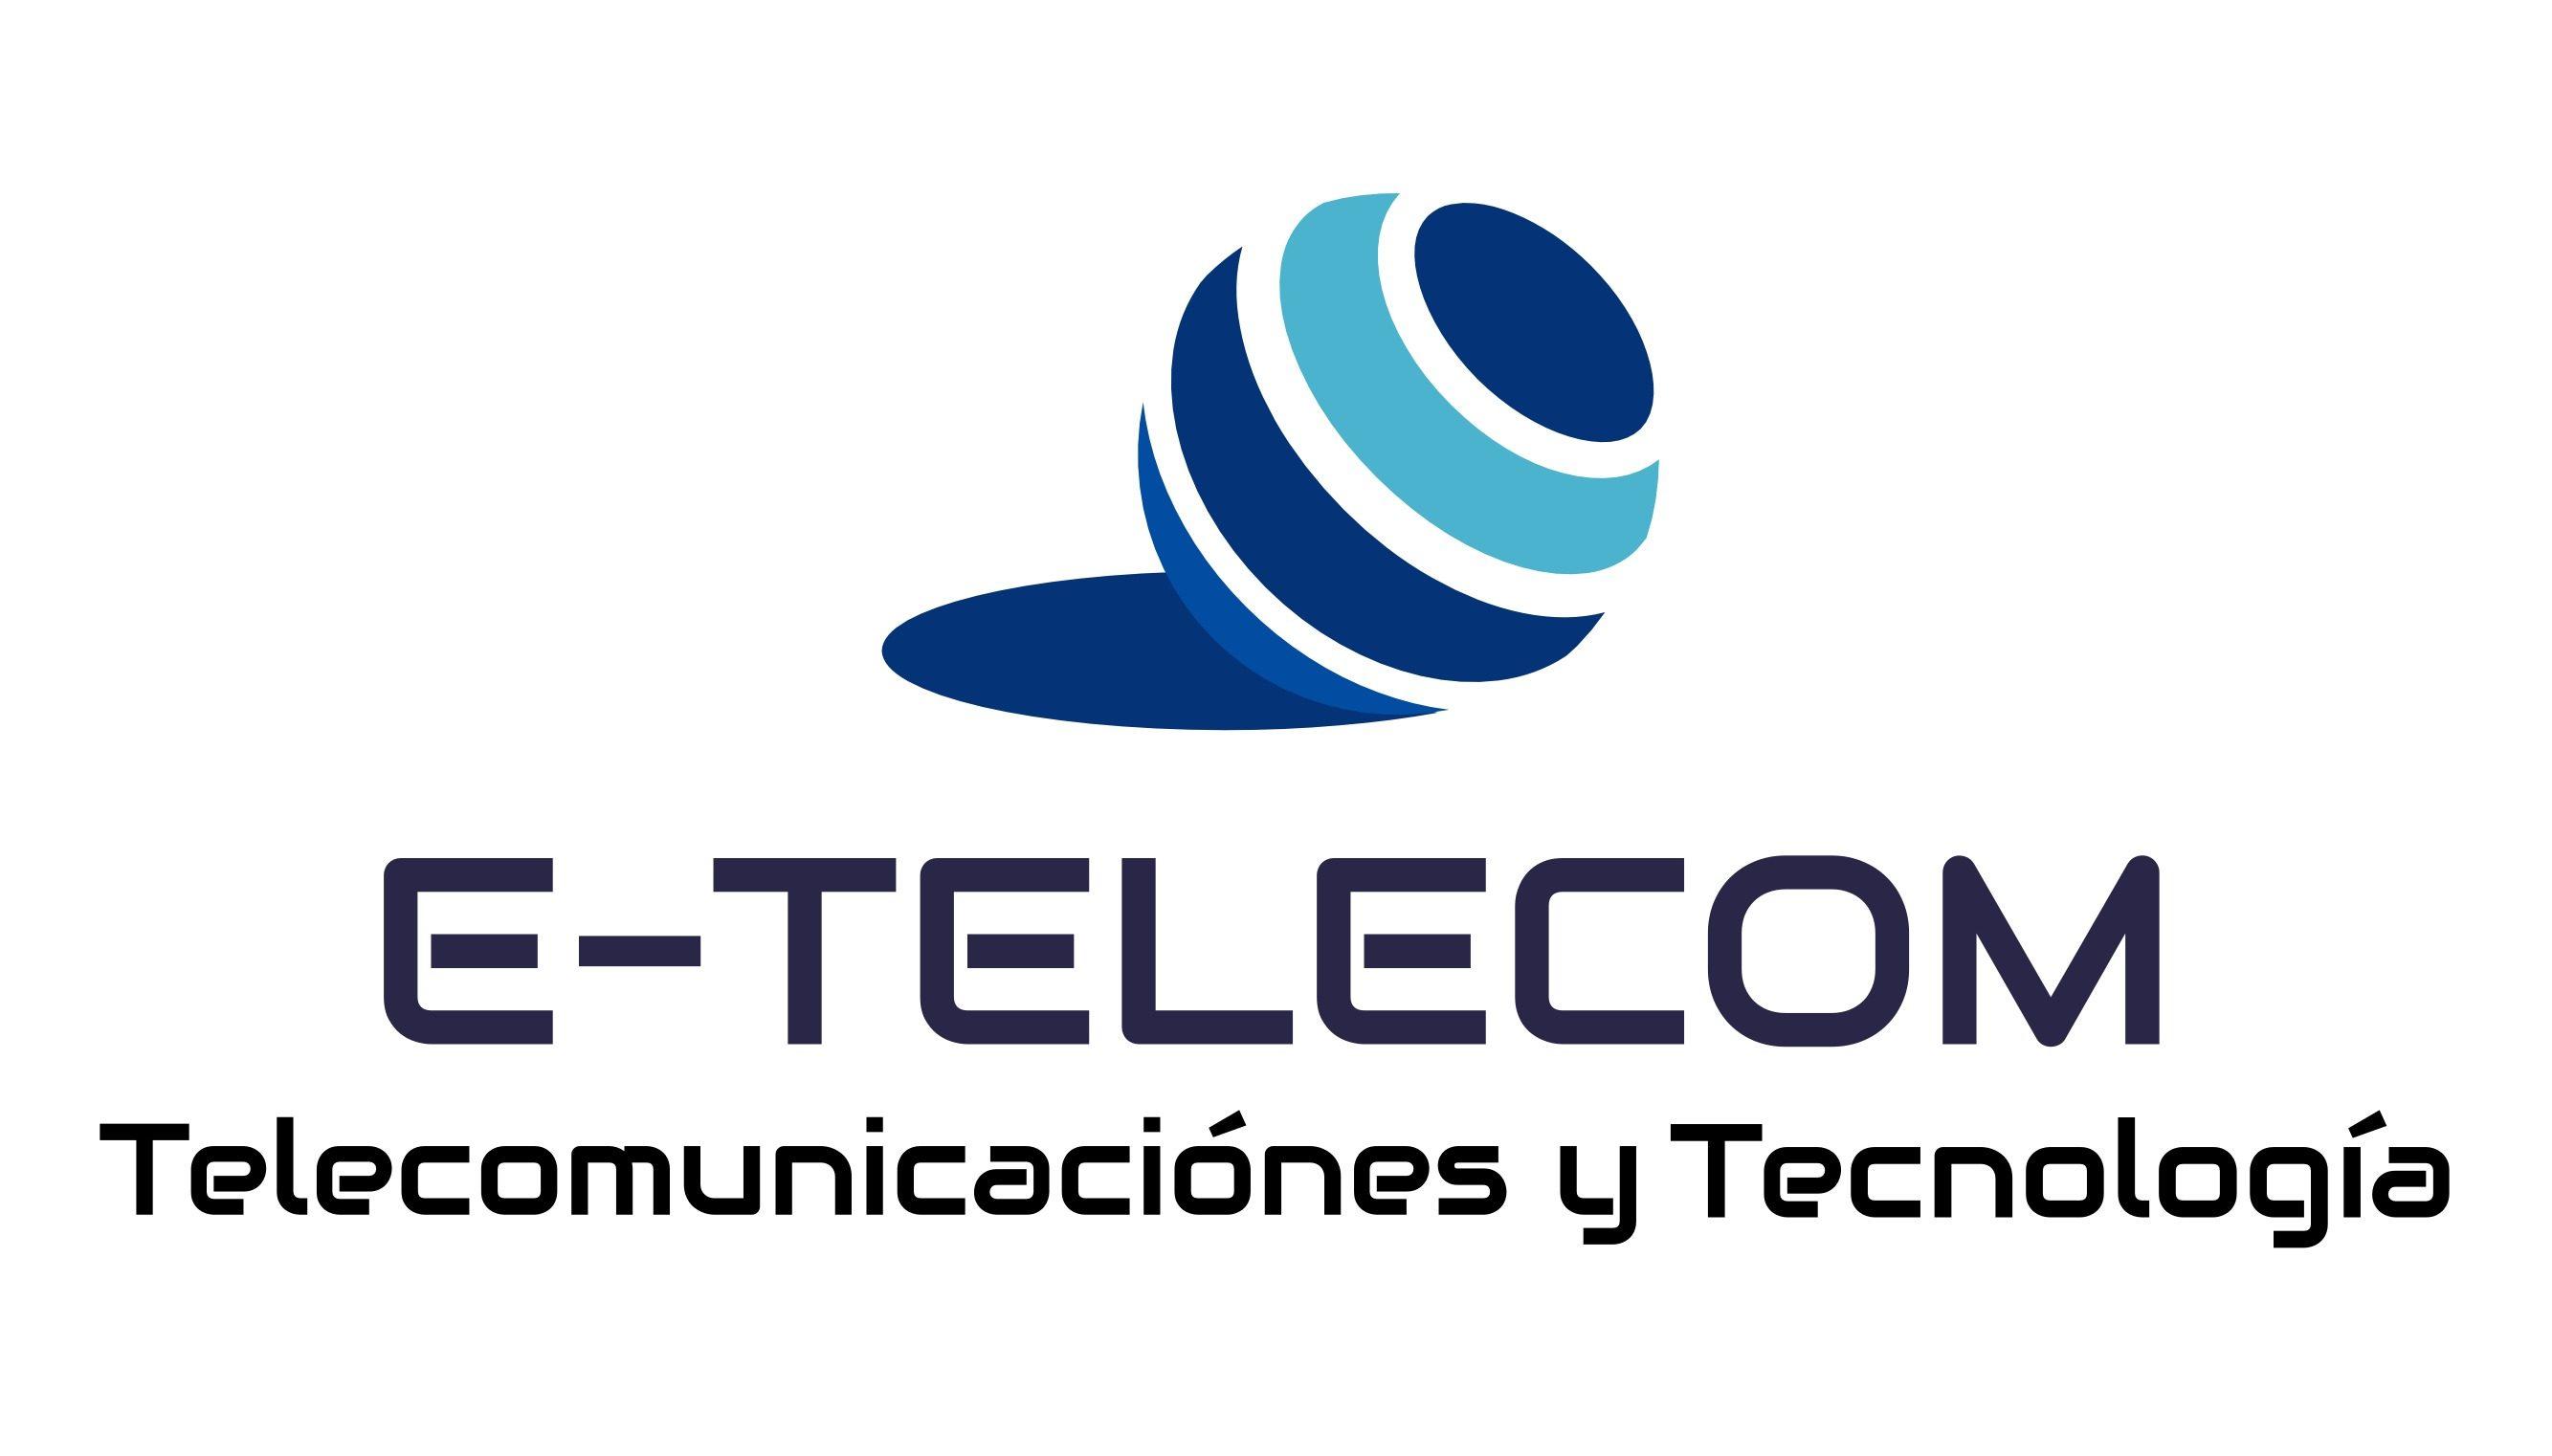 E-telecom